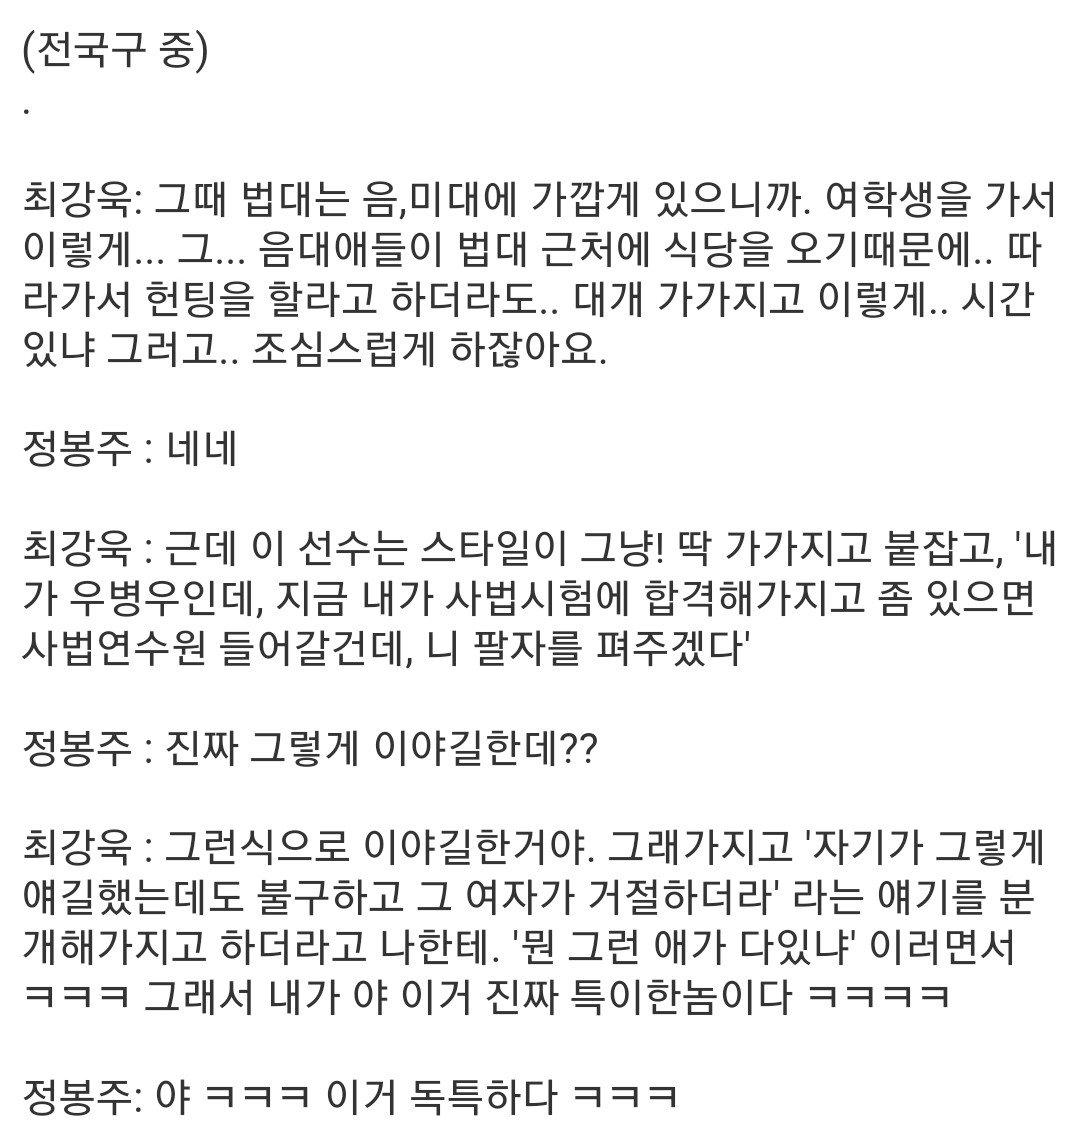 20171113_193706.jpg 법대 후배가 증언하는 우병우의 헌팅 멘트.jpg